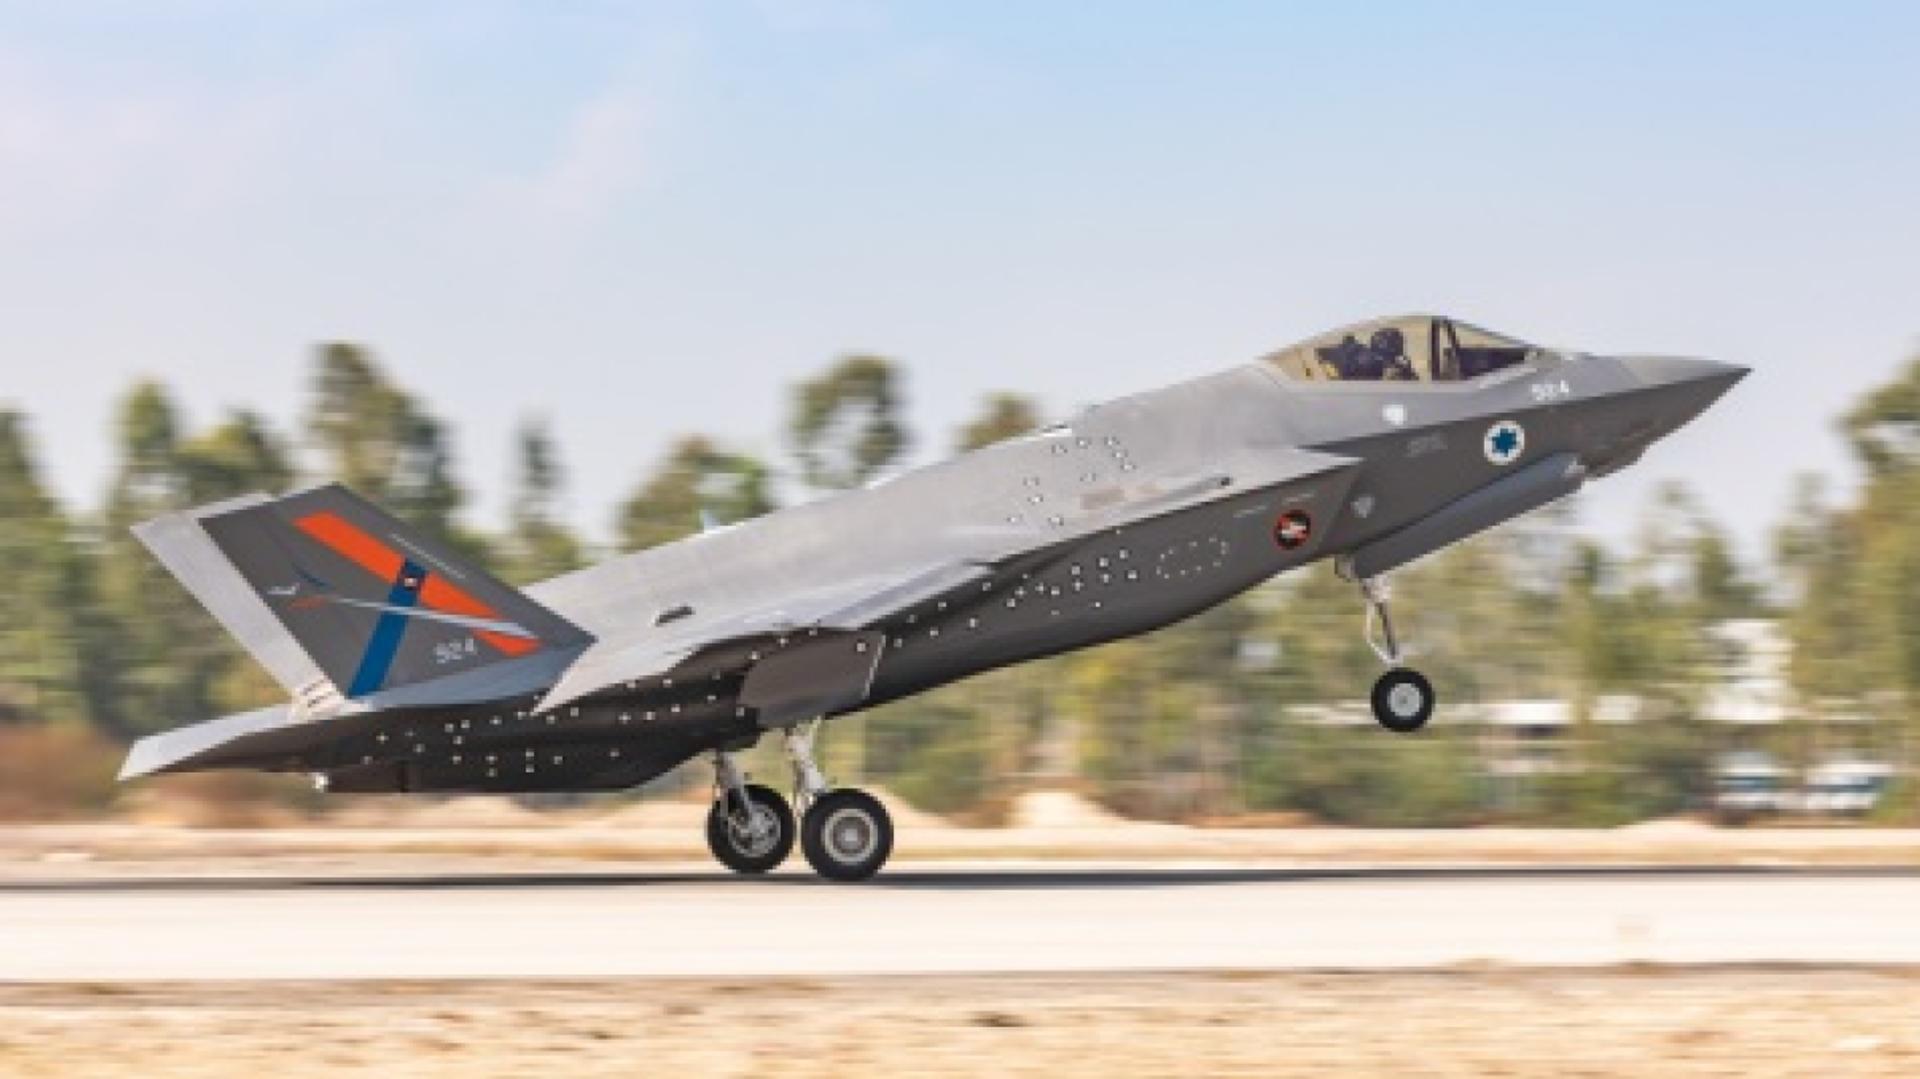 Il primo velivolo di prova F-35I Adir al di fuori degli Stati Uniti presso il Centro israeliano di prove di volo AF a Tel-Nof AFB l'11 novembre 2020. Verrà utilizzato per sviluppare e testare capacità avanzate che solo Israele può aggiungere la sua flotta di caccia F-35I. - Sputnik Italia, 1920, 18.05.2021